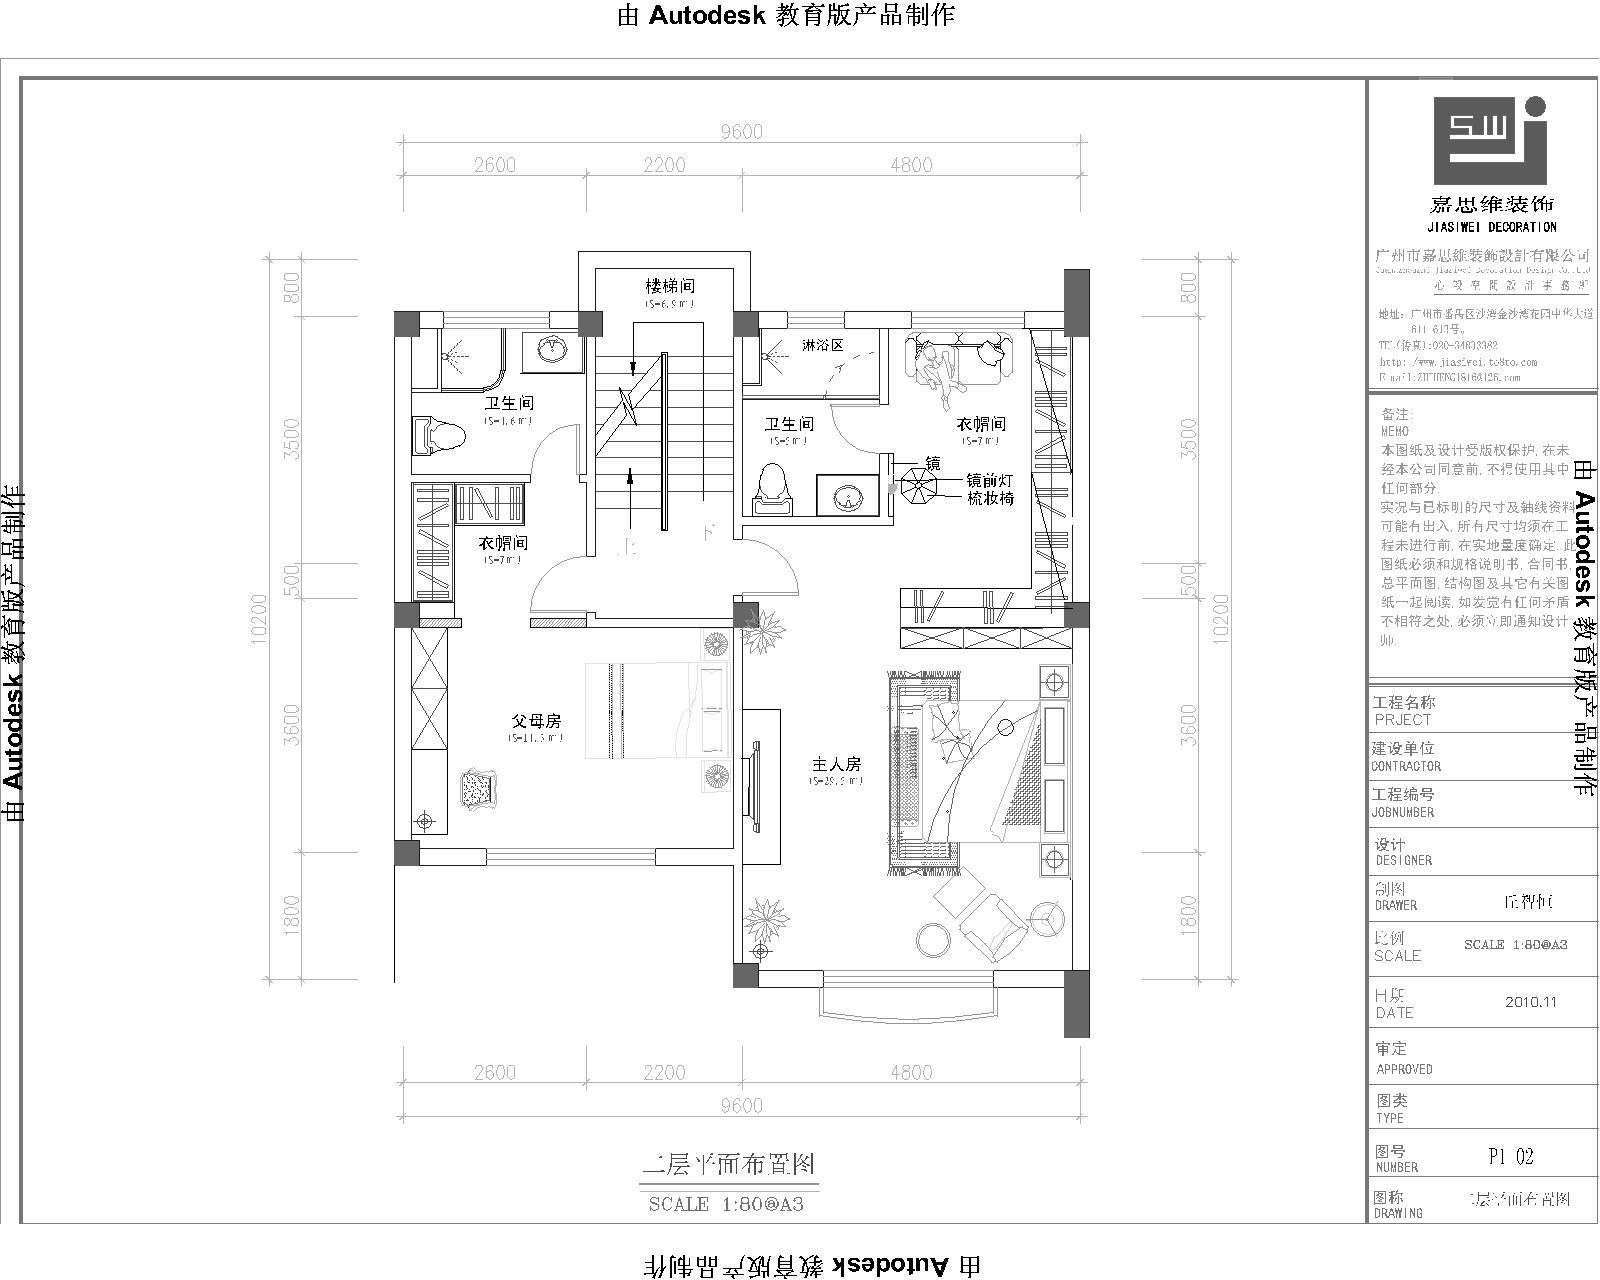 一套欧式别墅的室内平面布置图